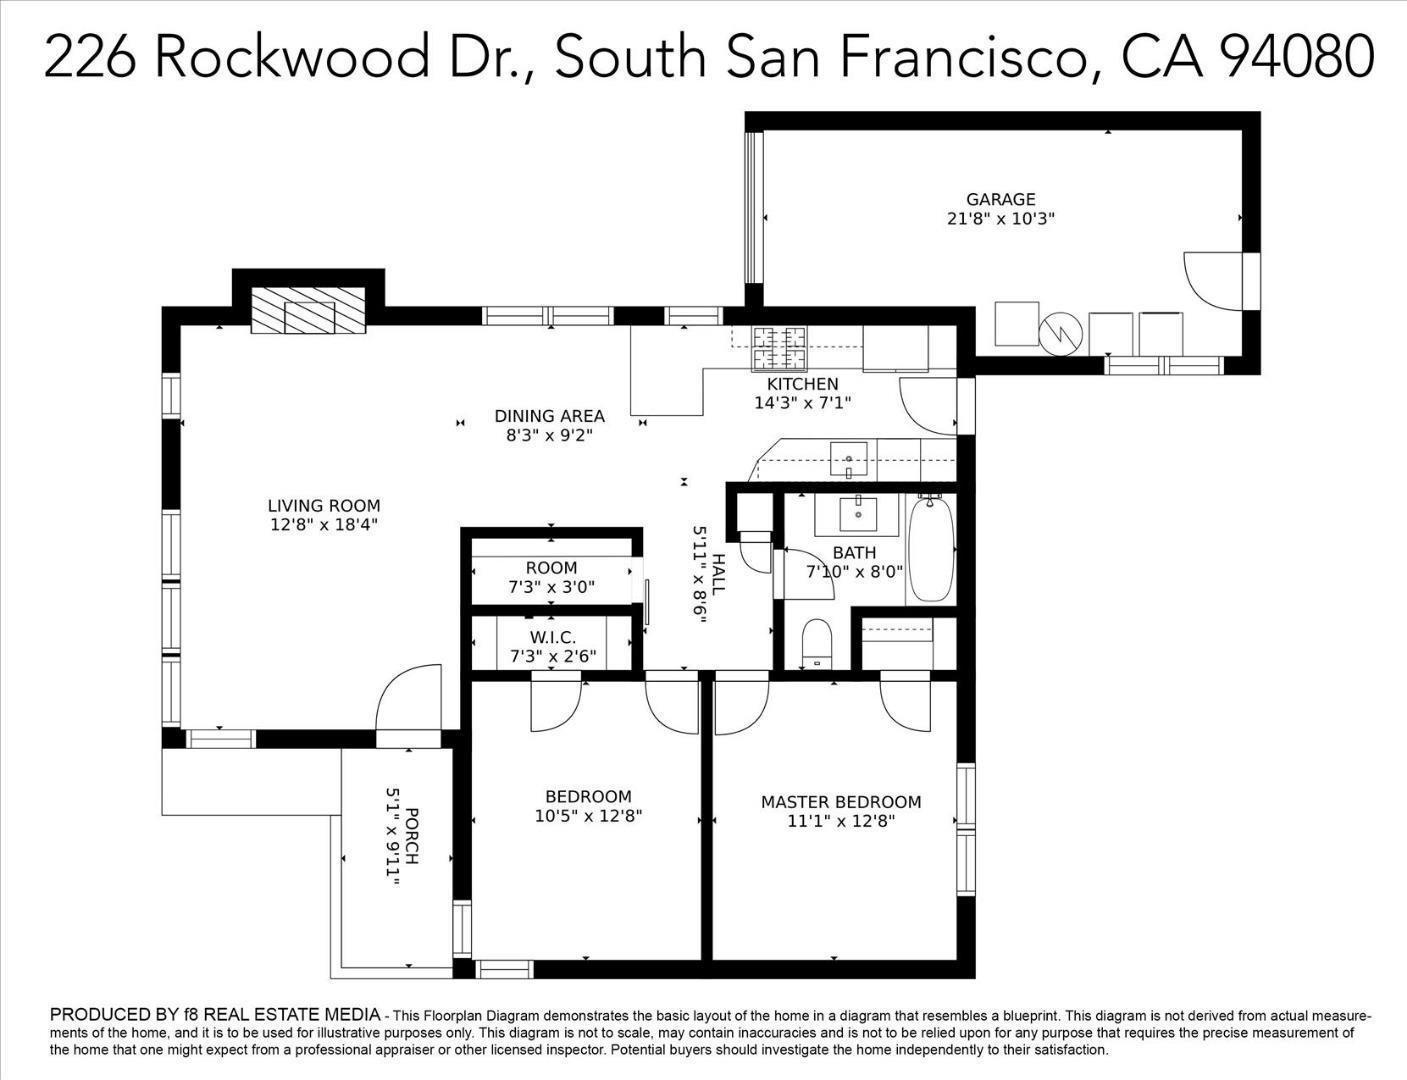 226 Rockwood DR